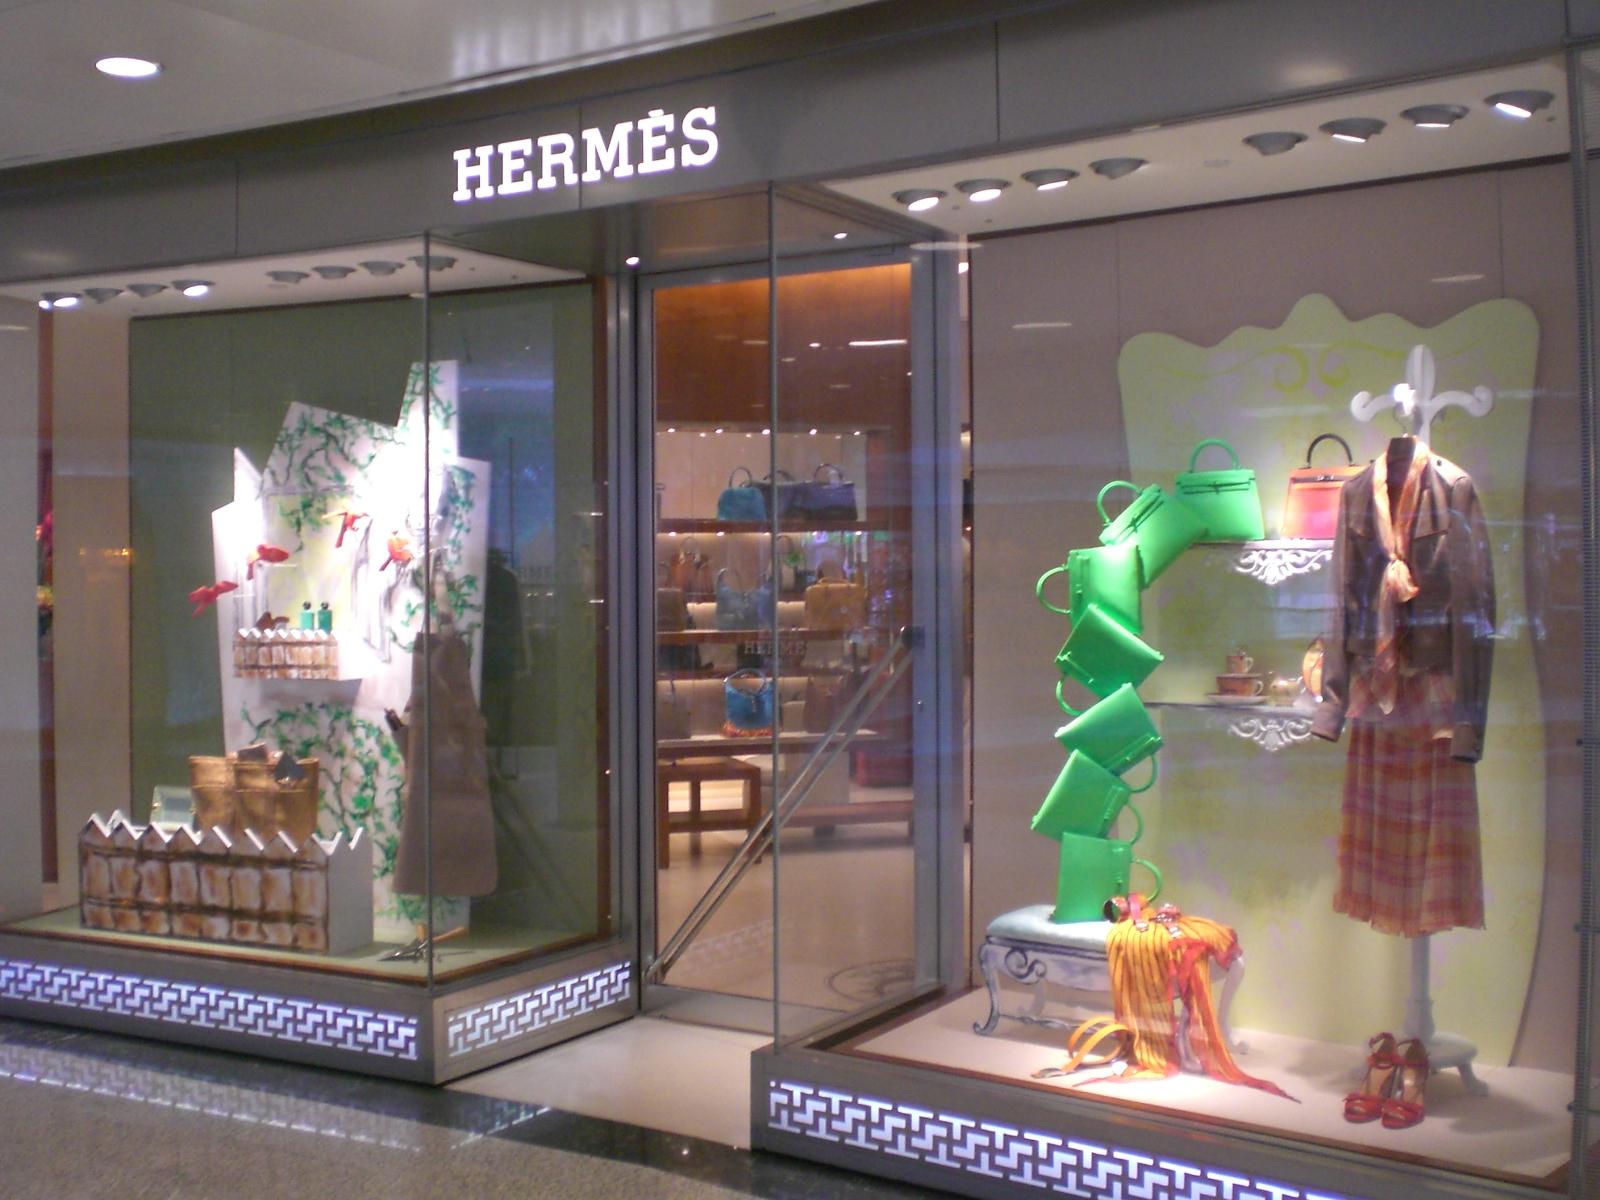 Why I Don't Wear Hermes: Living in Abundance